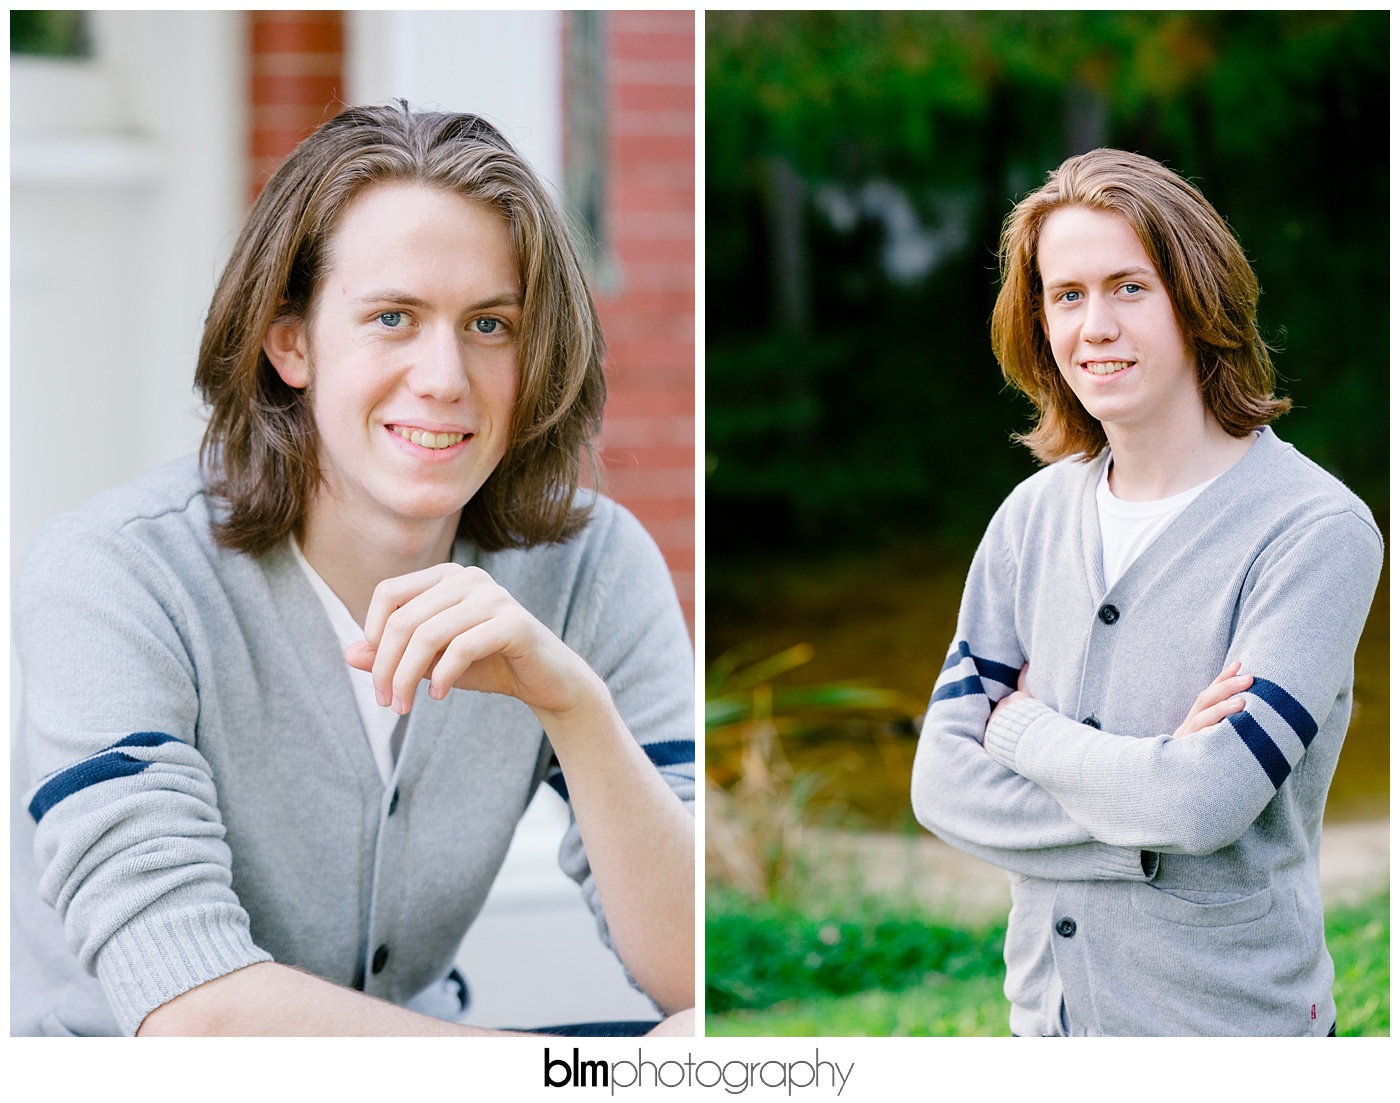 Ryan-Hoiriis_Senior-Portraits_092116-8221.jpg